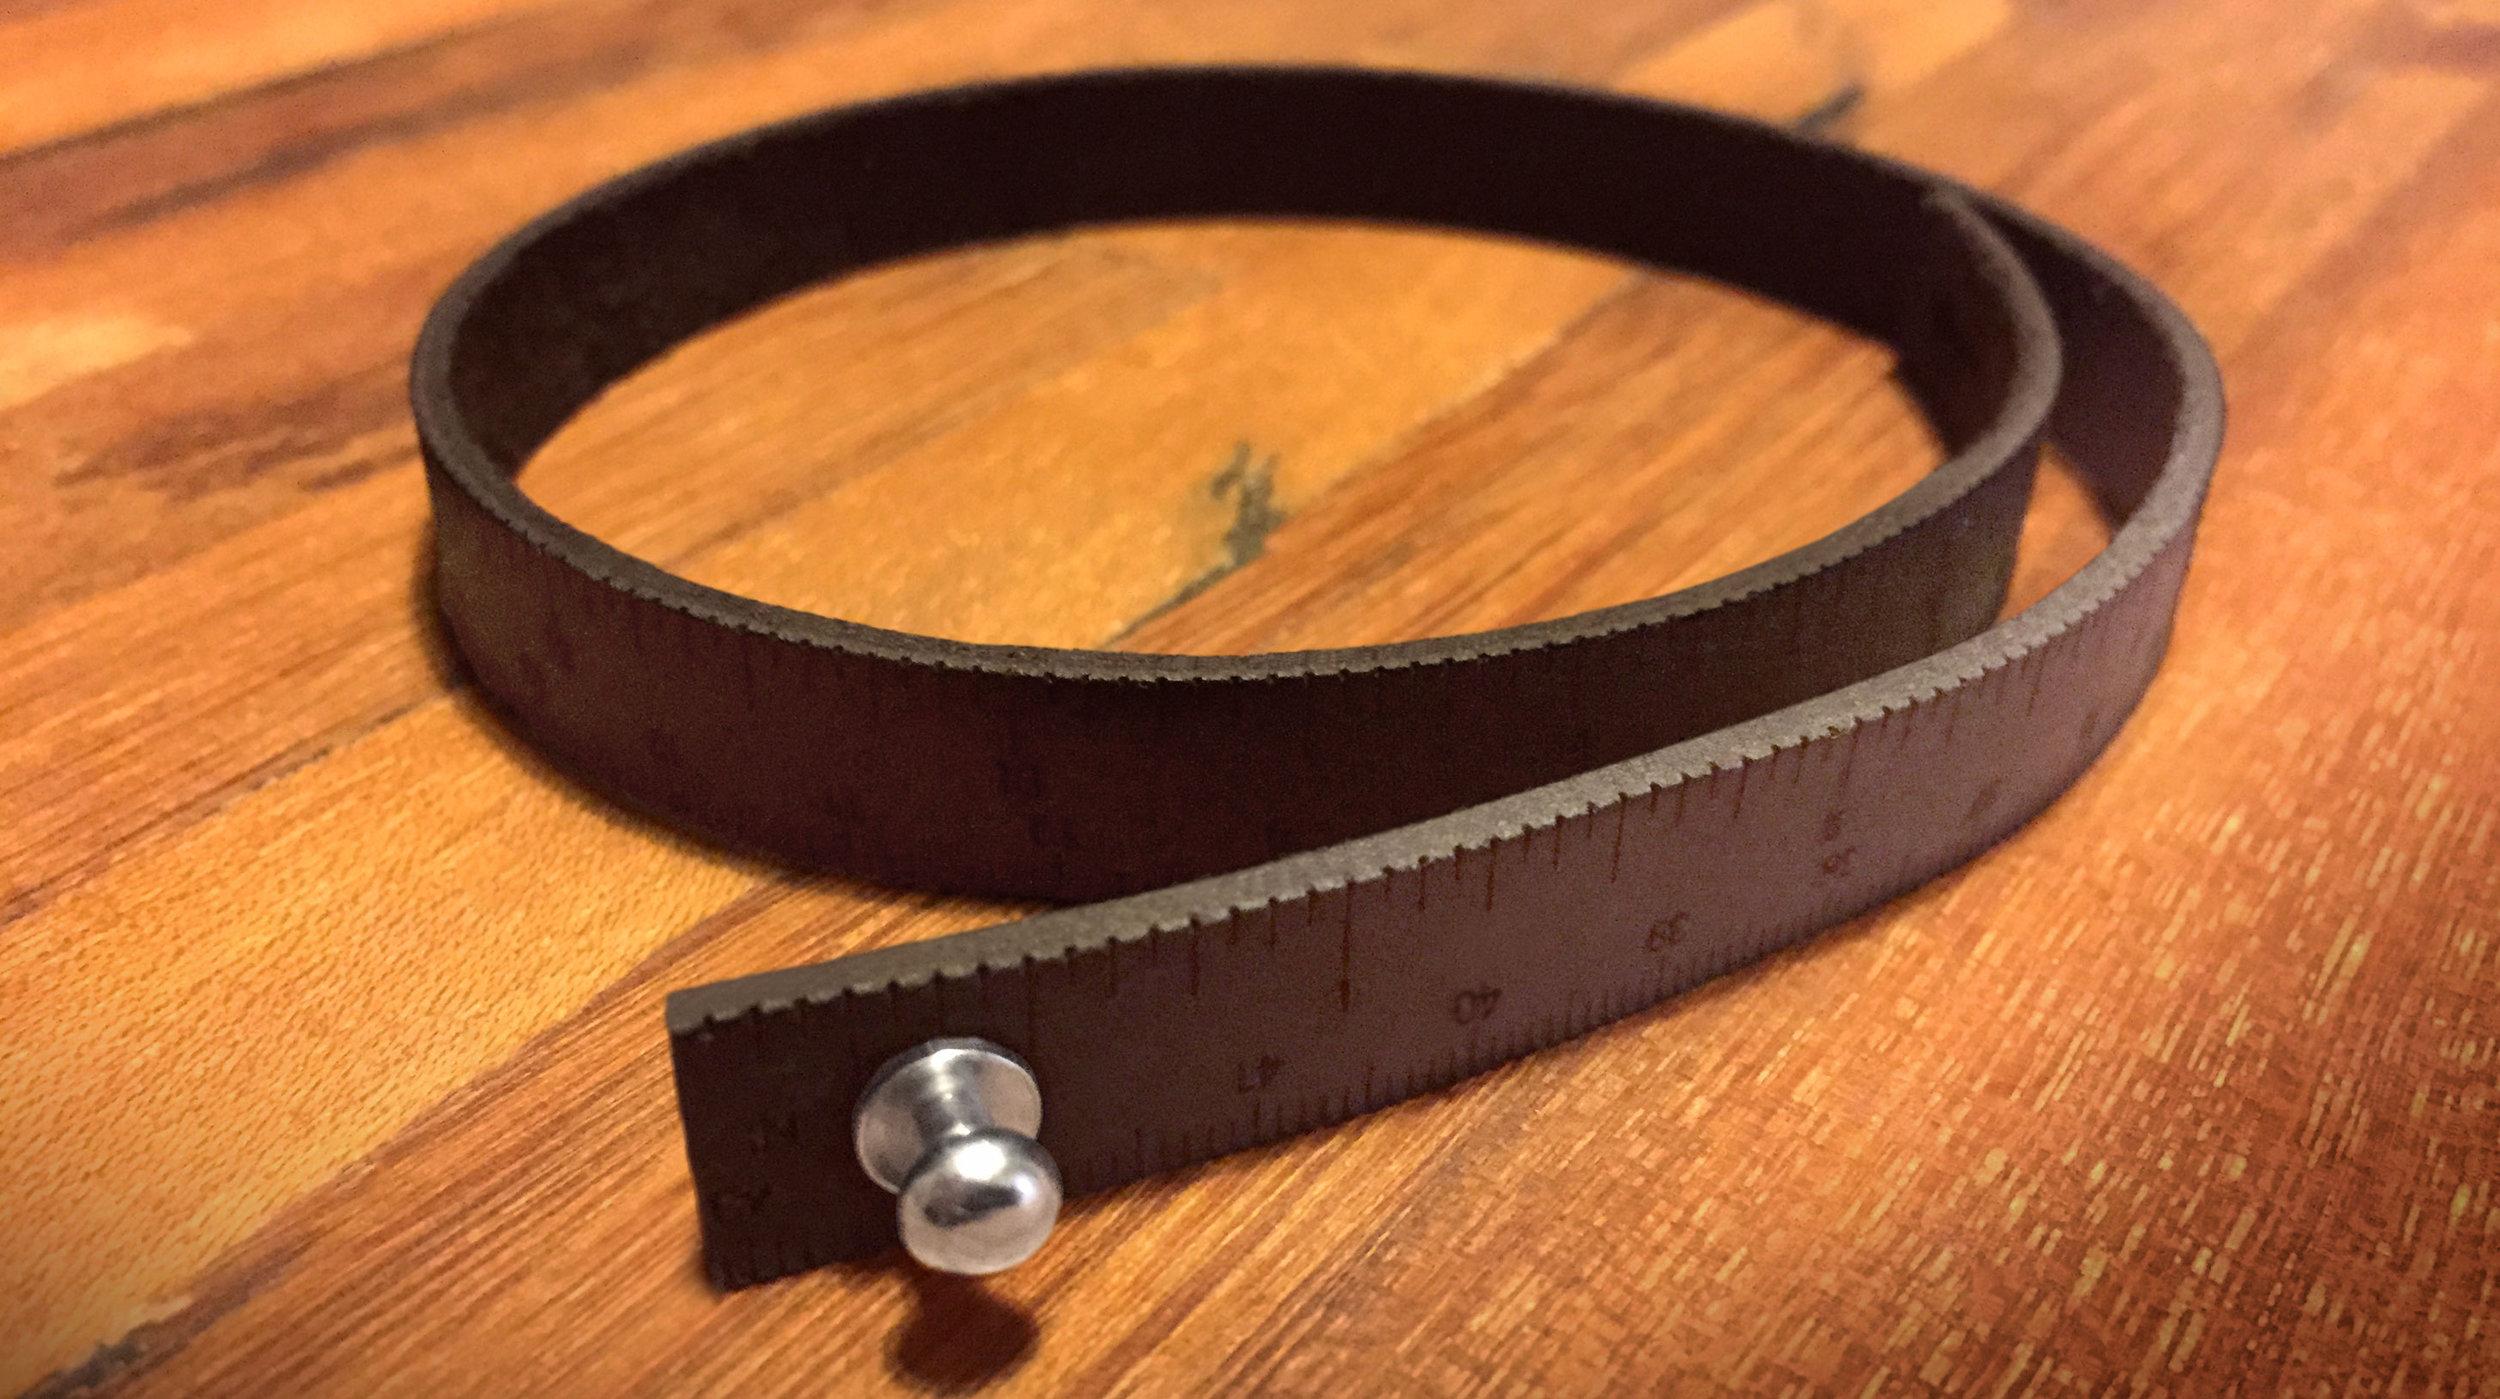 wrist-ruler-table3.jpg